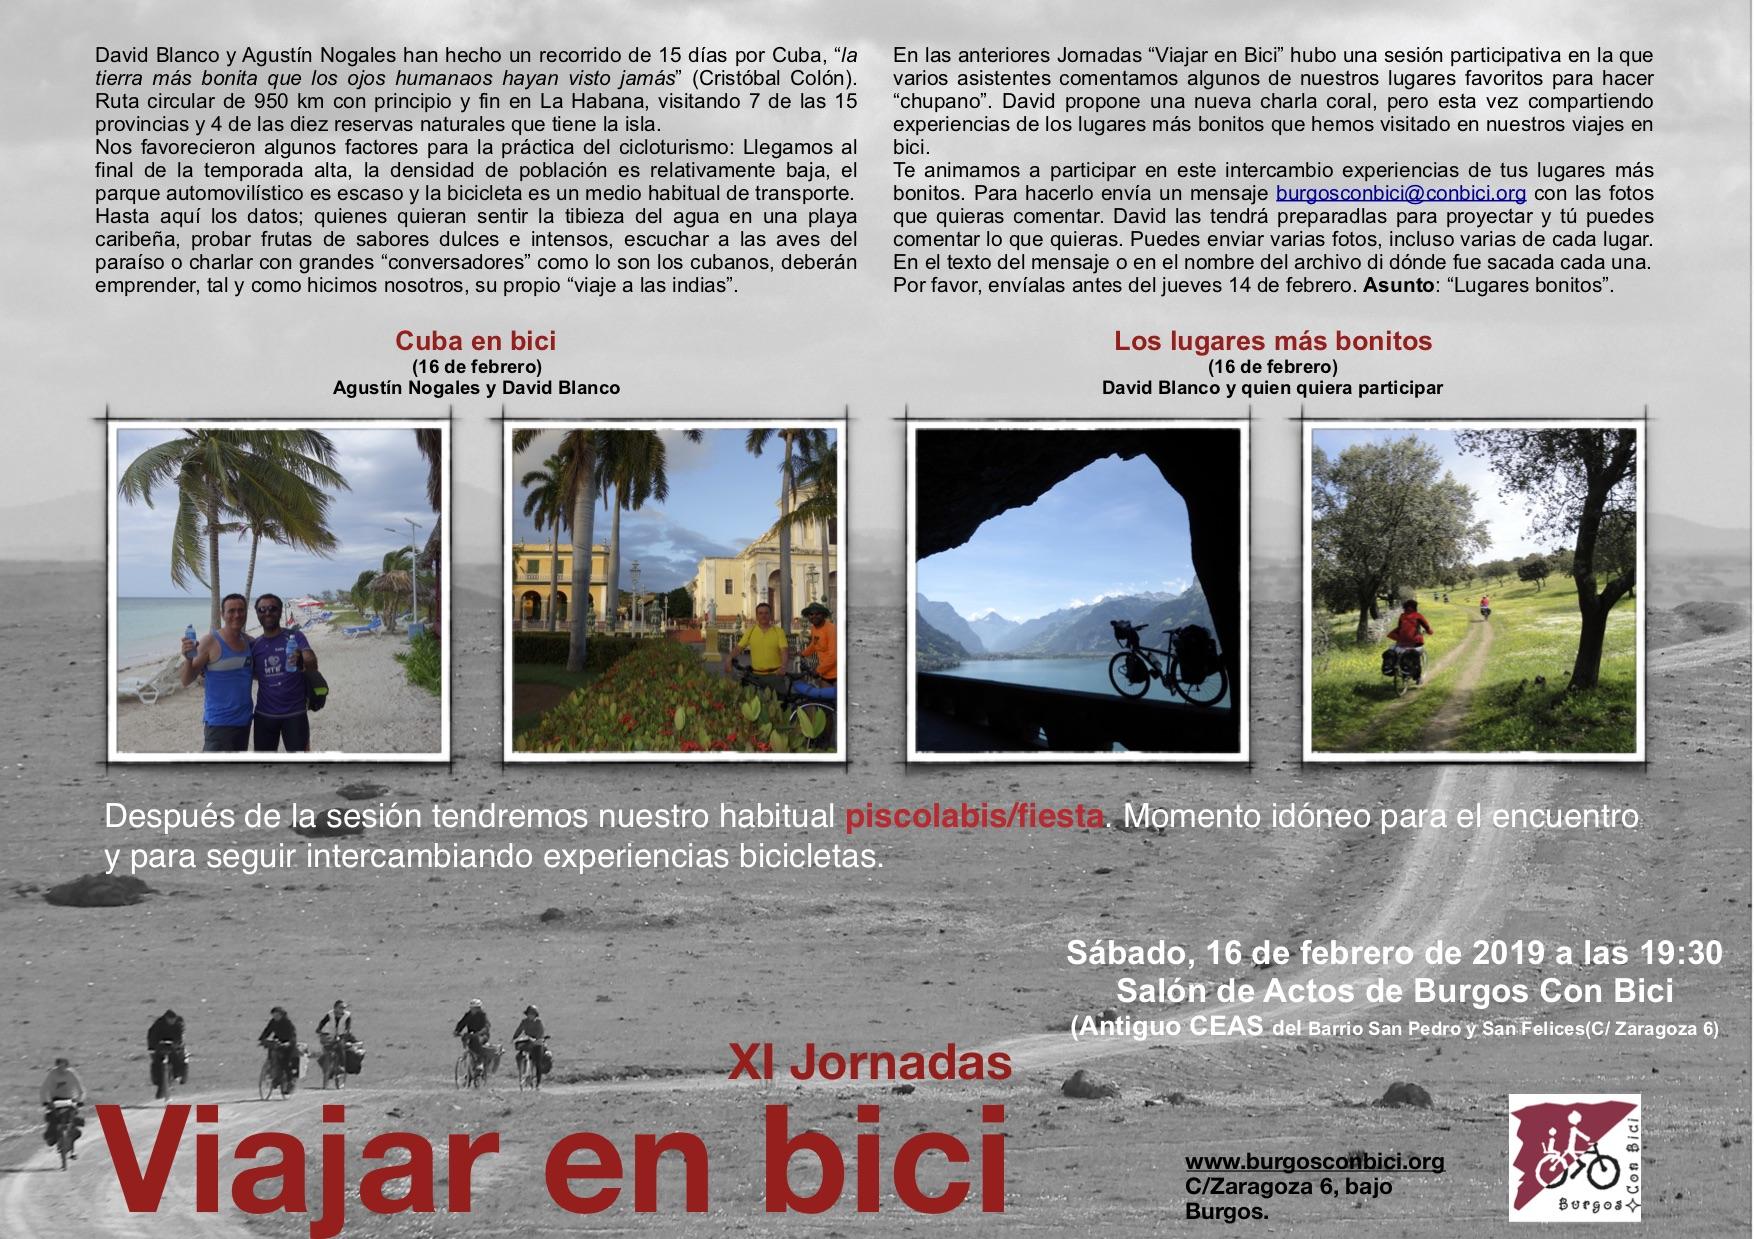 Cartel con programa y algunas fotos de las XI Jornadas viajar en bici. Día 16 de febrero de 2019. Cuba en bici y Los lugares más bonitos